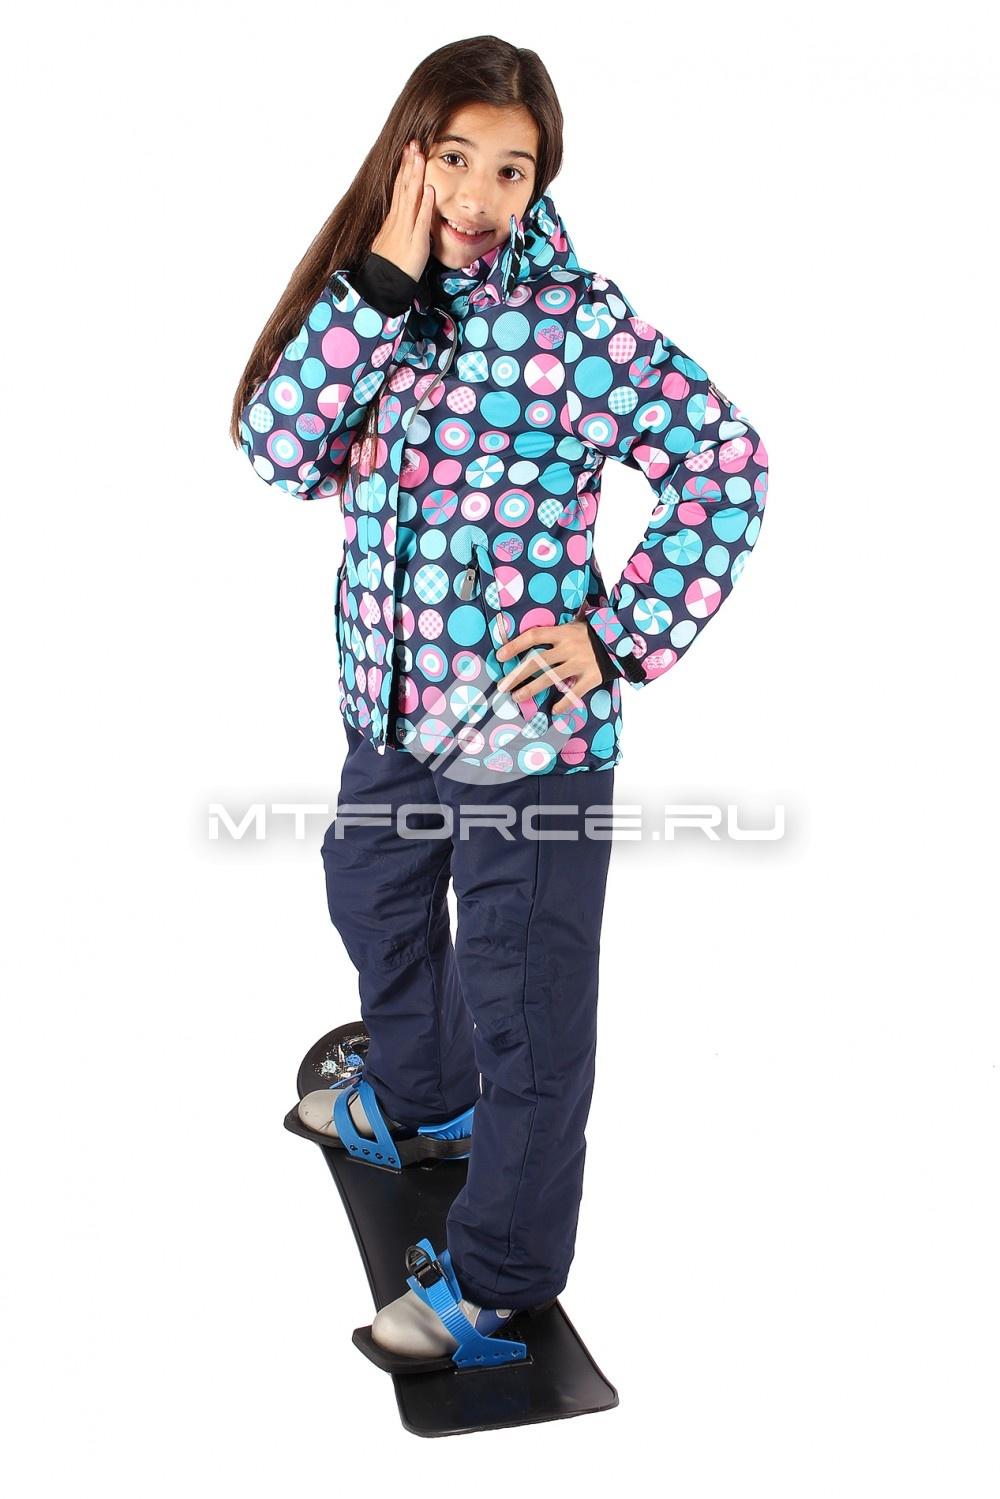 Купить                                  оптом Костюм горнолыжный  для девочки синего цвета 0602S